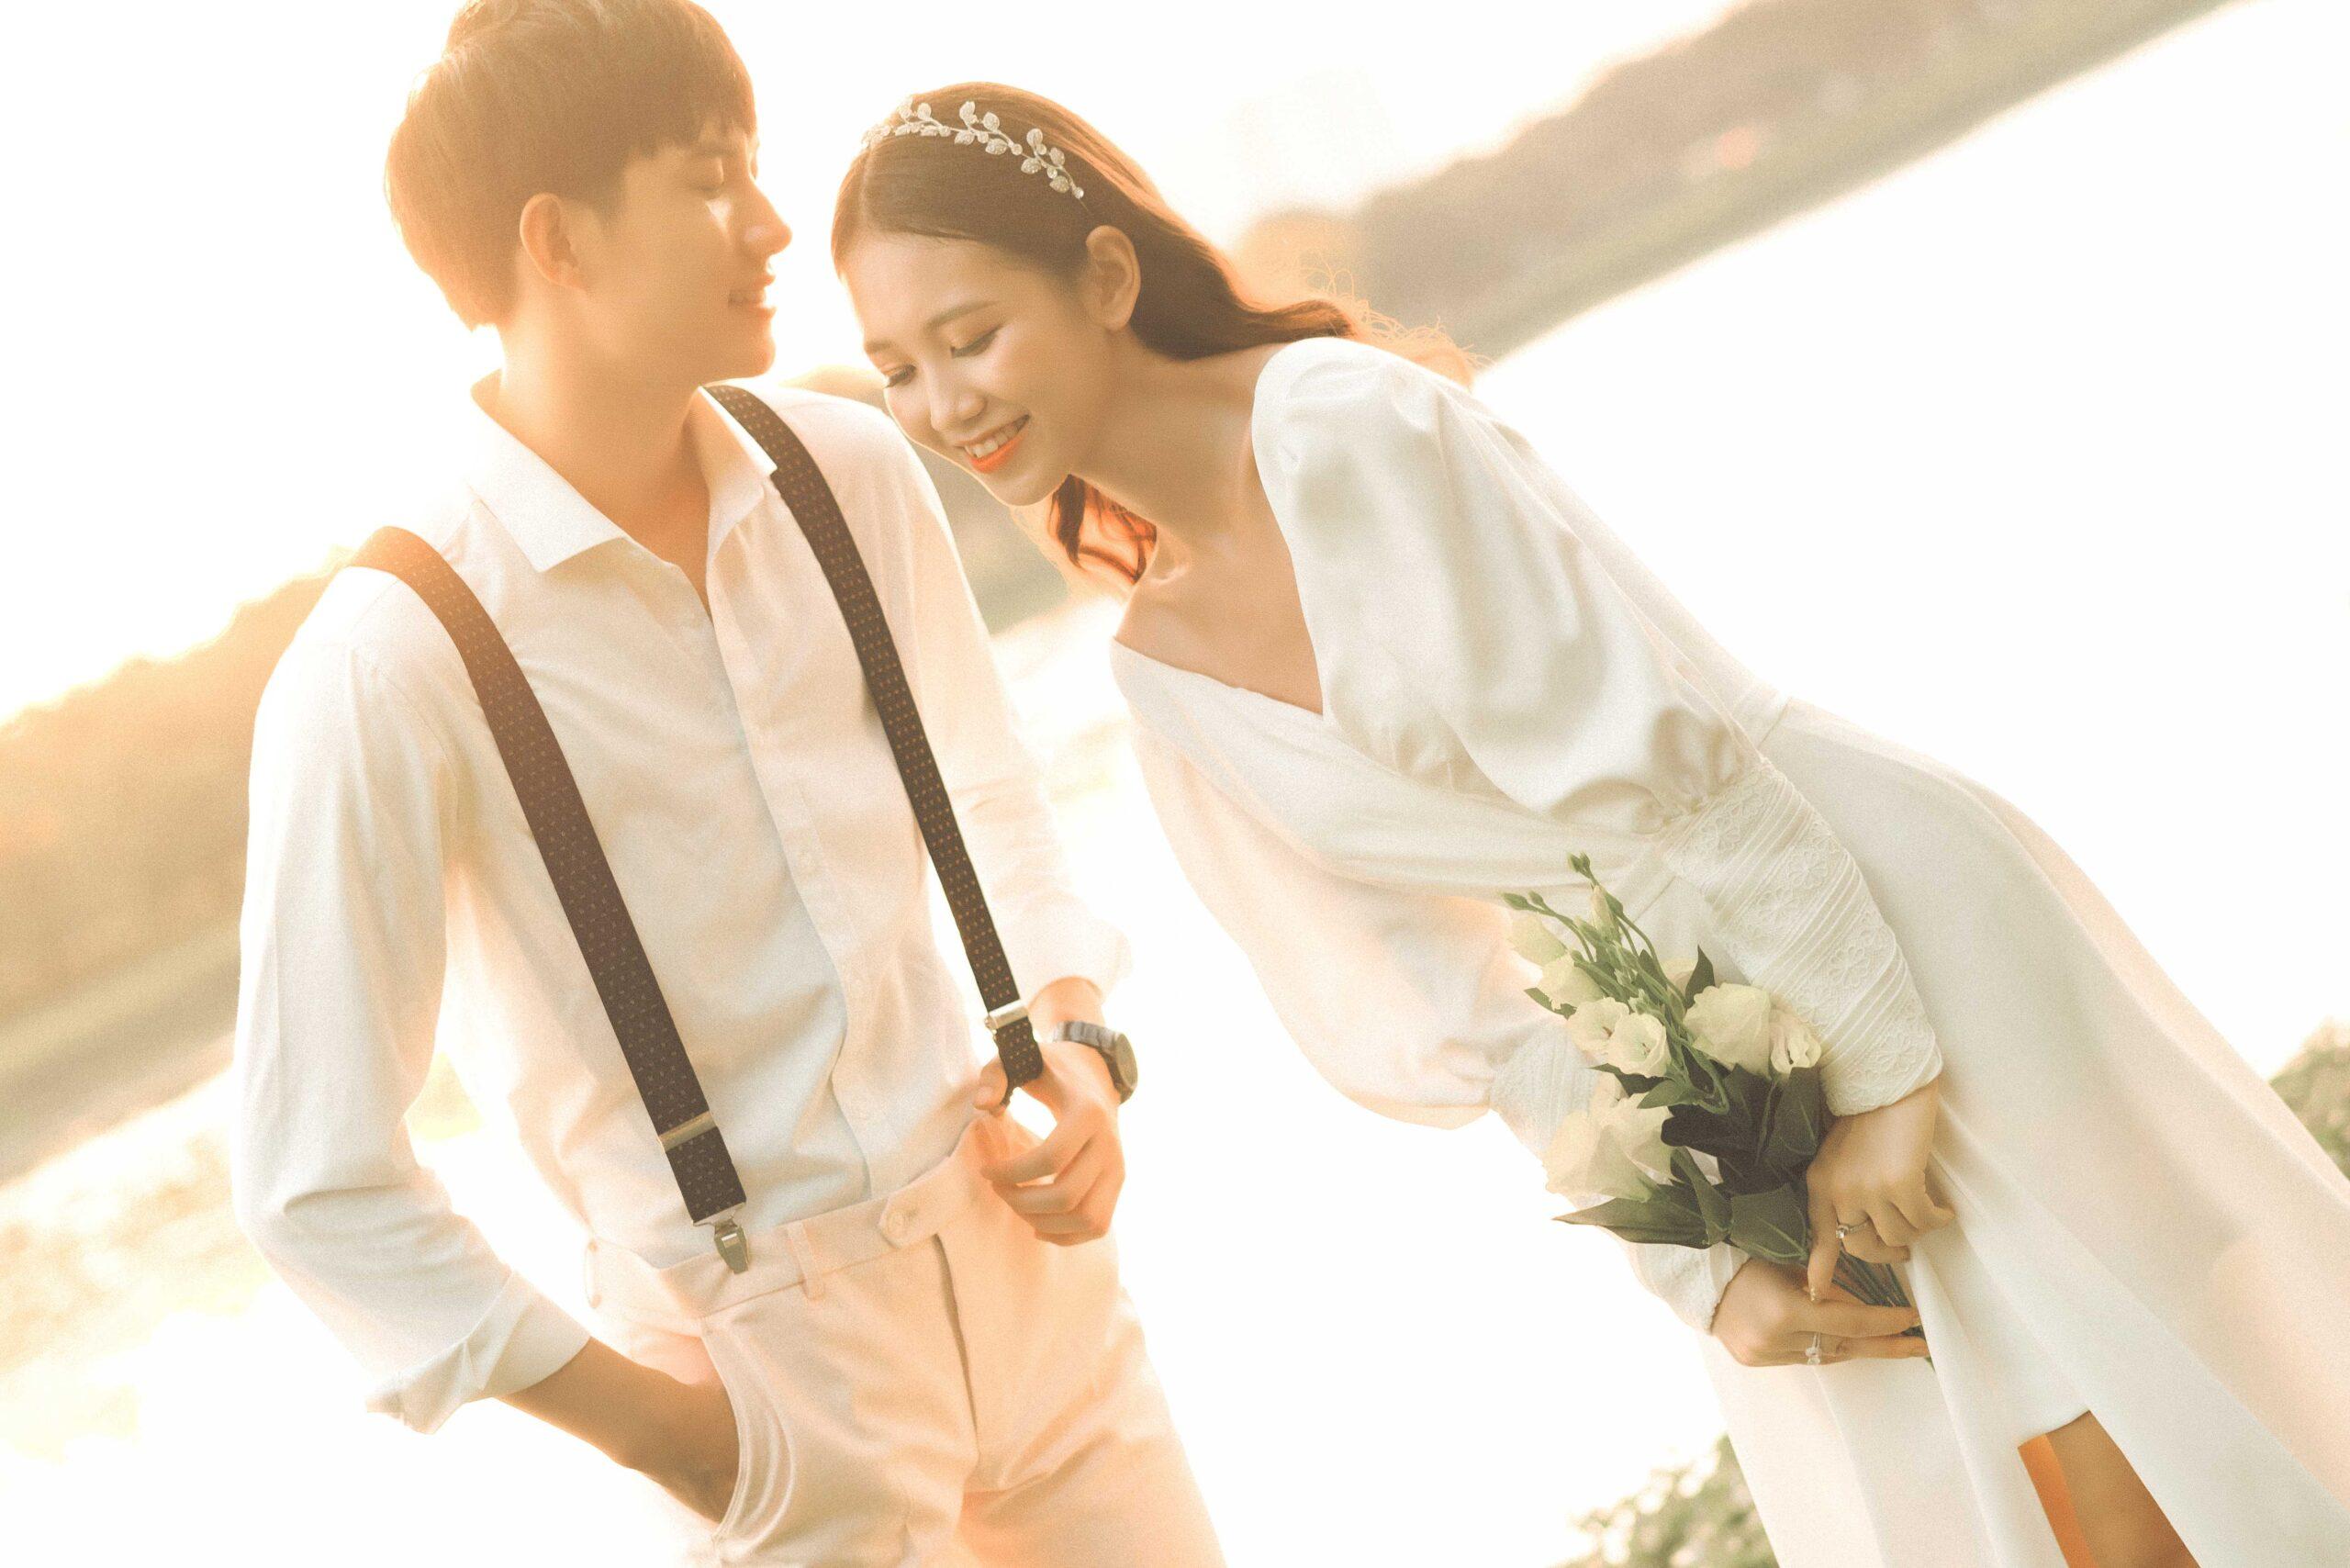 [Mách Bạn] 10+ kinh nghiệm chụp ảnh cưới từ A đến Z